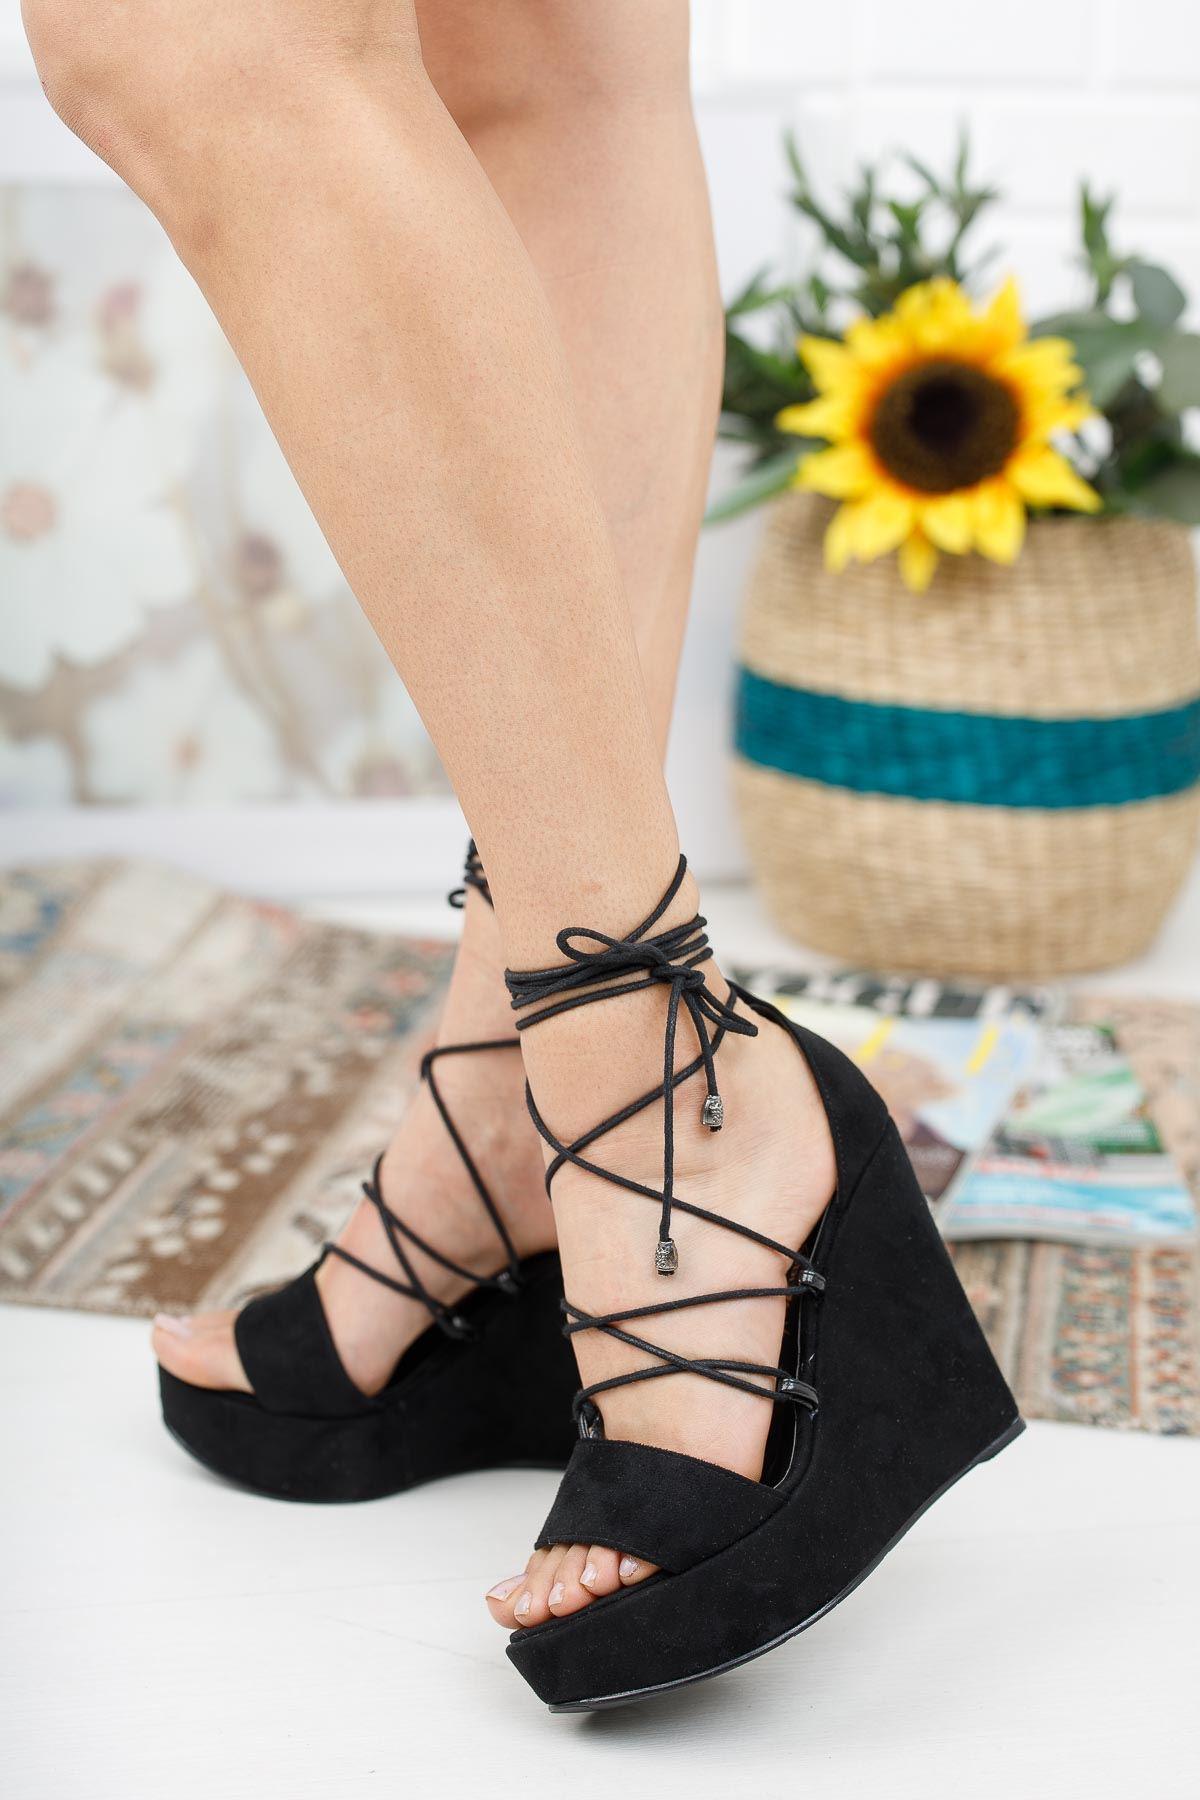 Diona Siyah Süet Dolgu Topuklu Kadın Ayakkabı